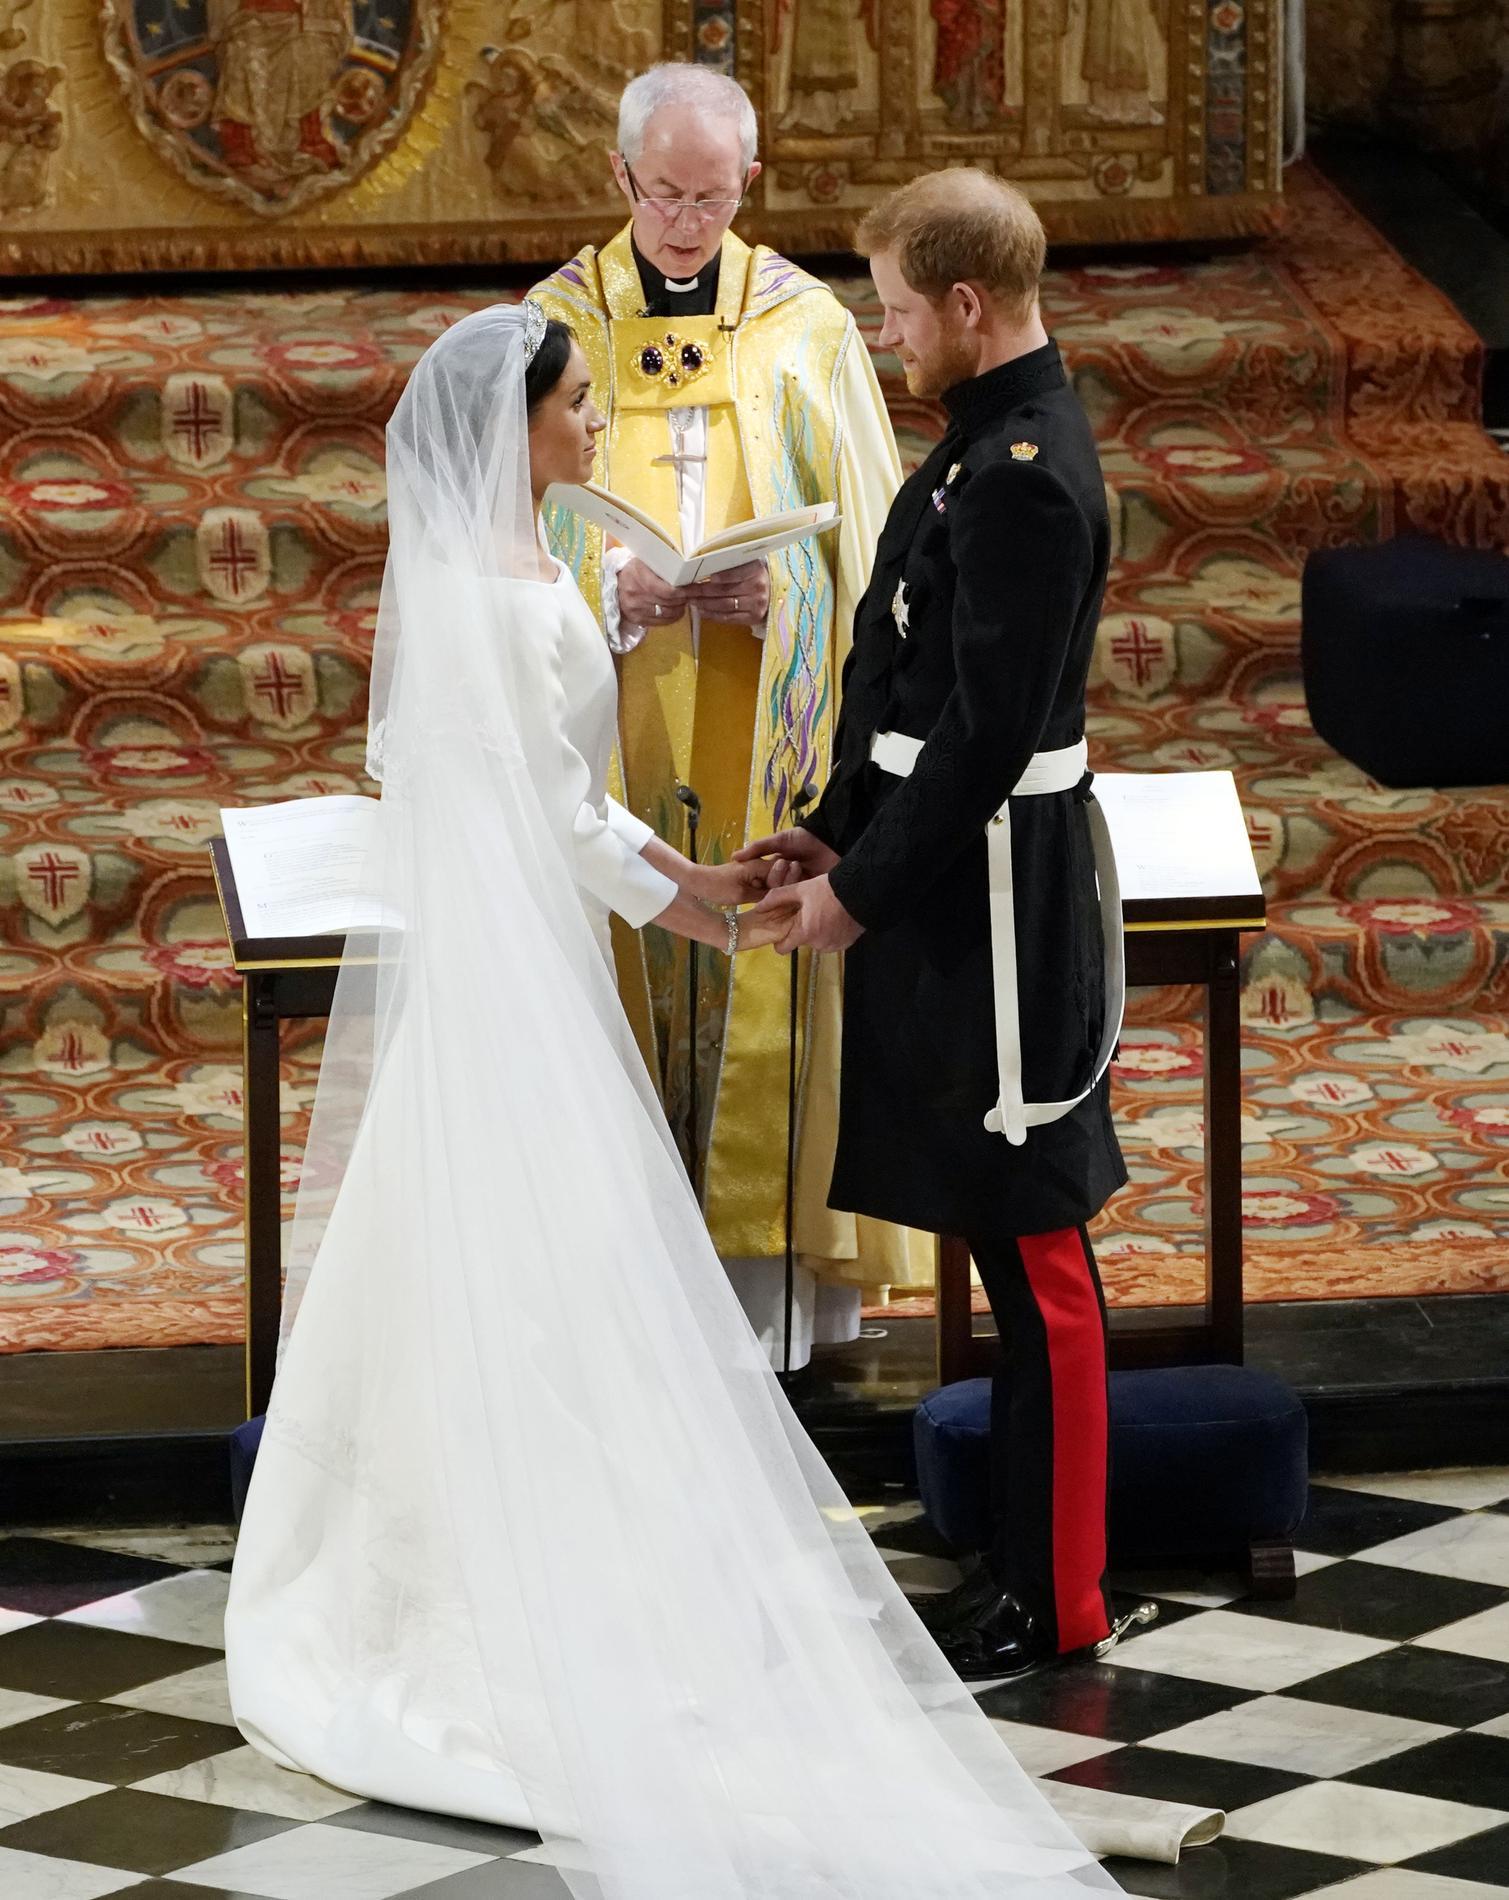 Les photos du mariage de Meghan Markle et du prince Harry